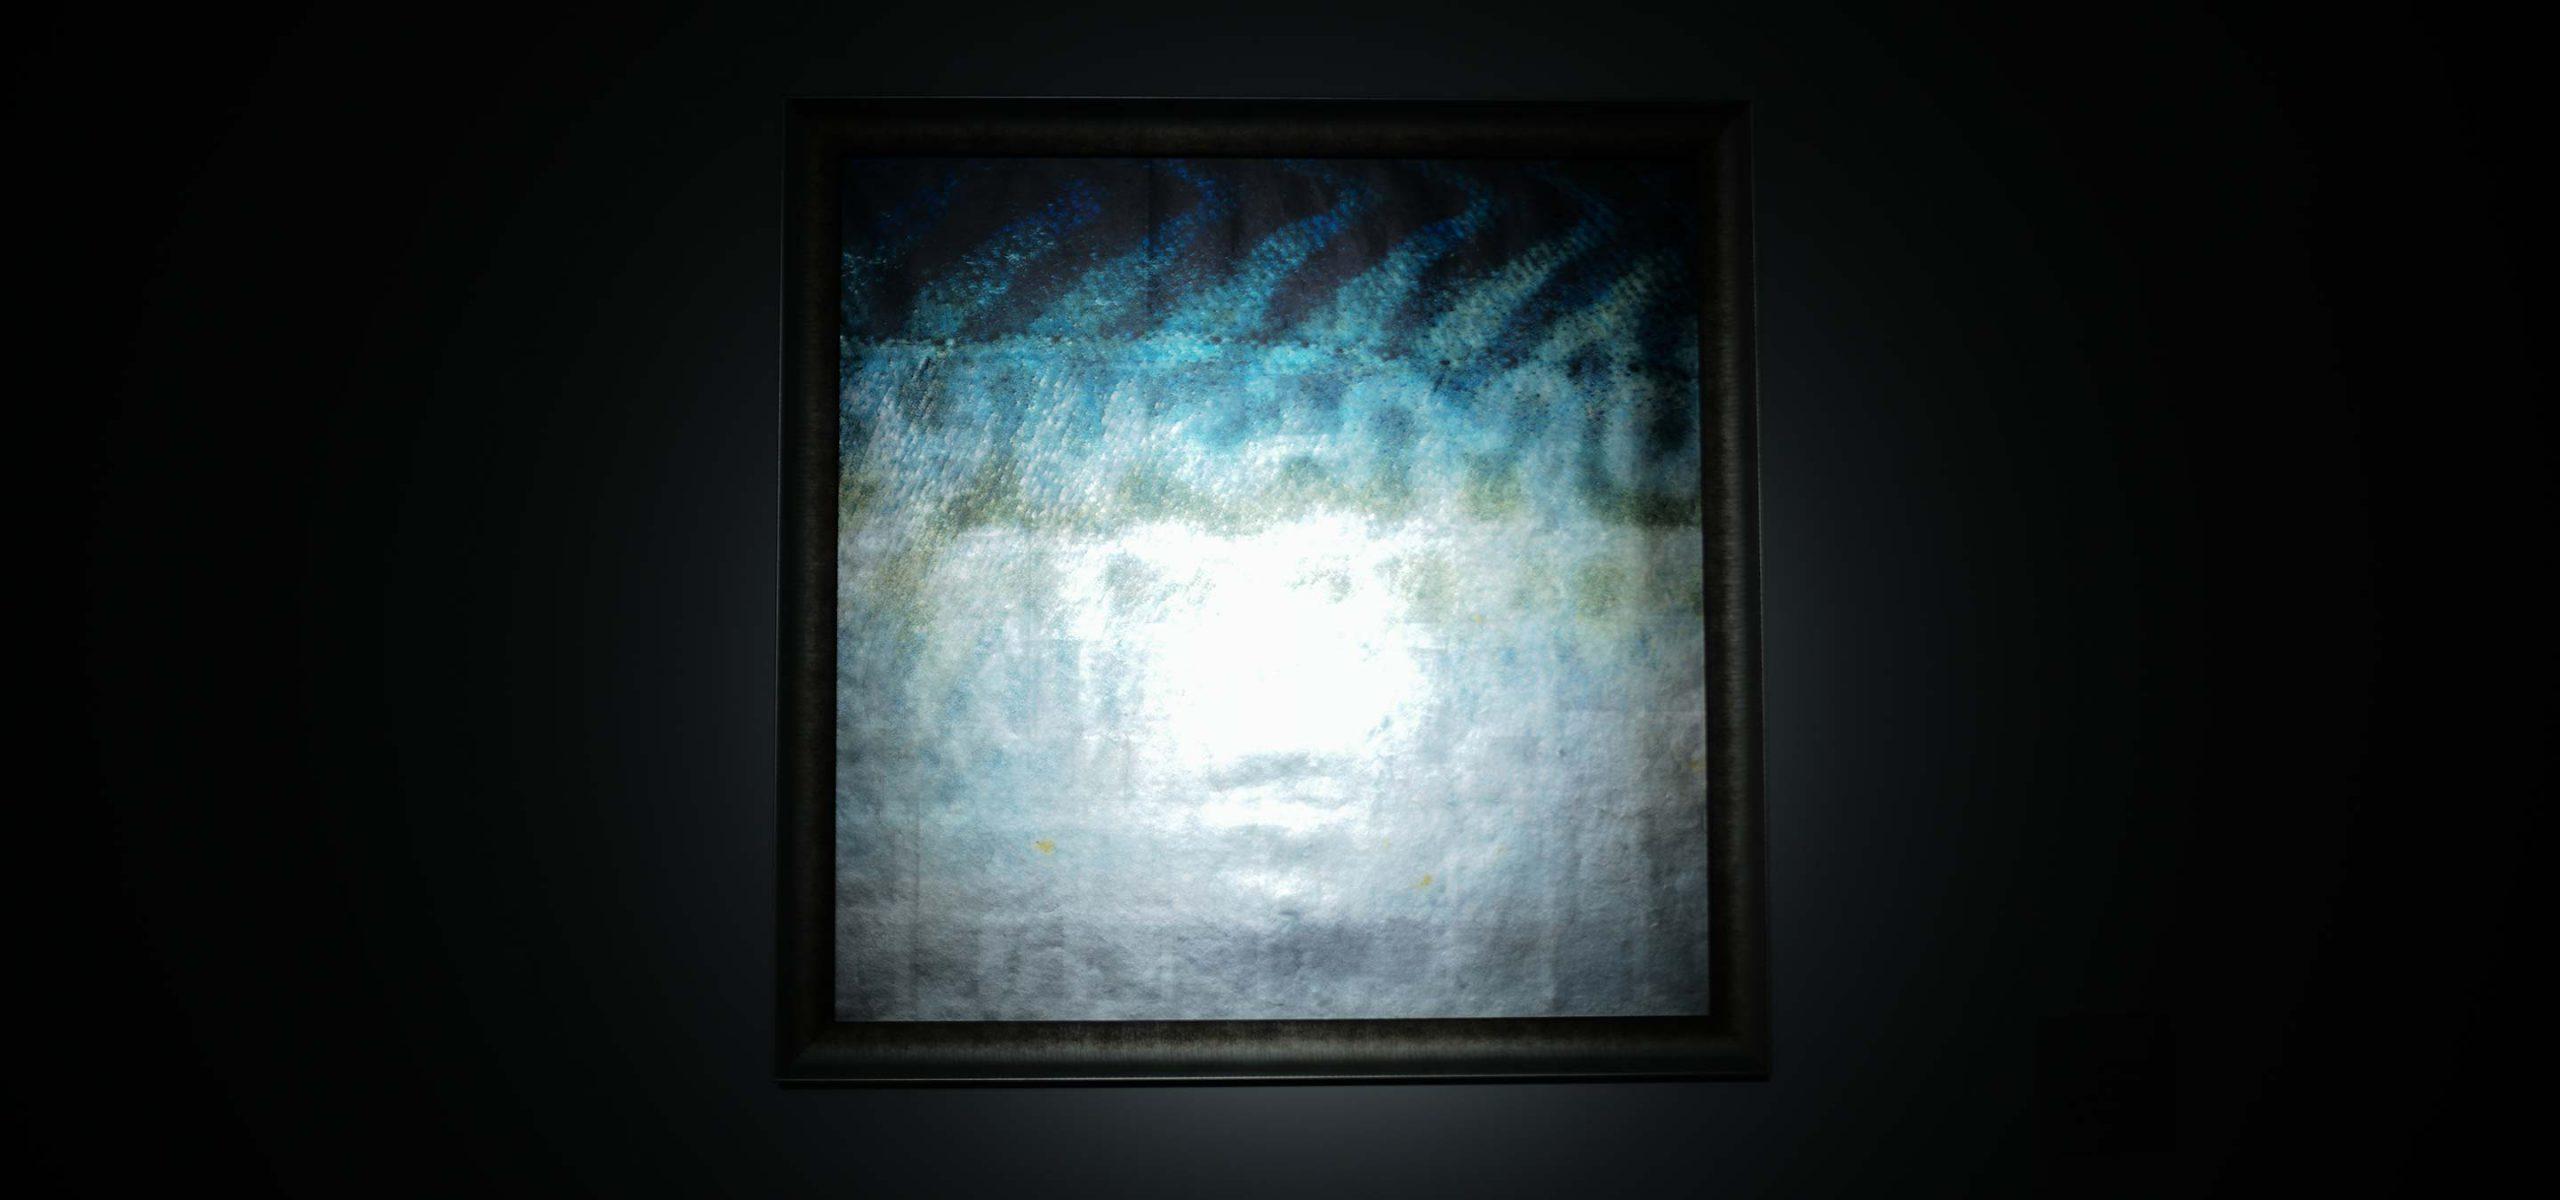 光の波、反射、海と空の点描